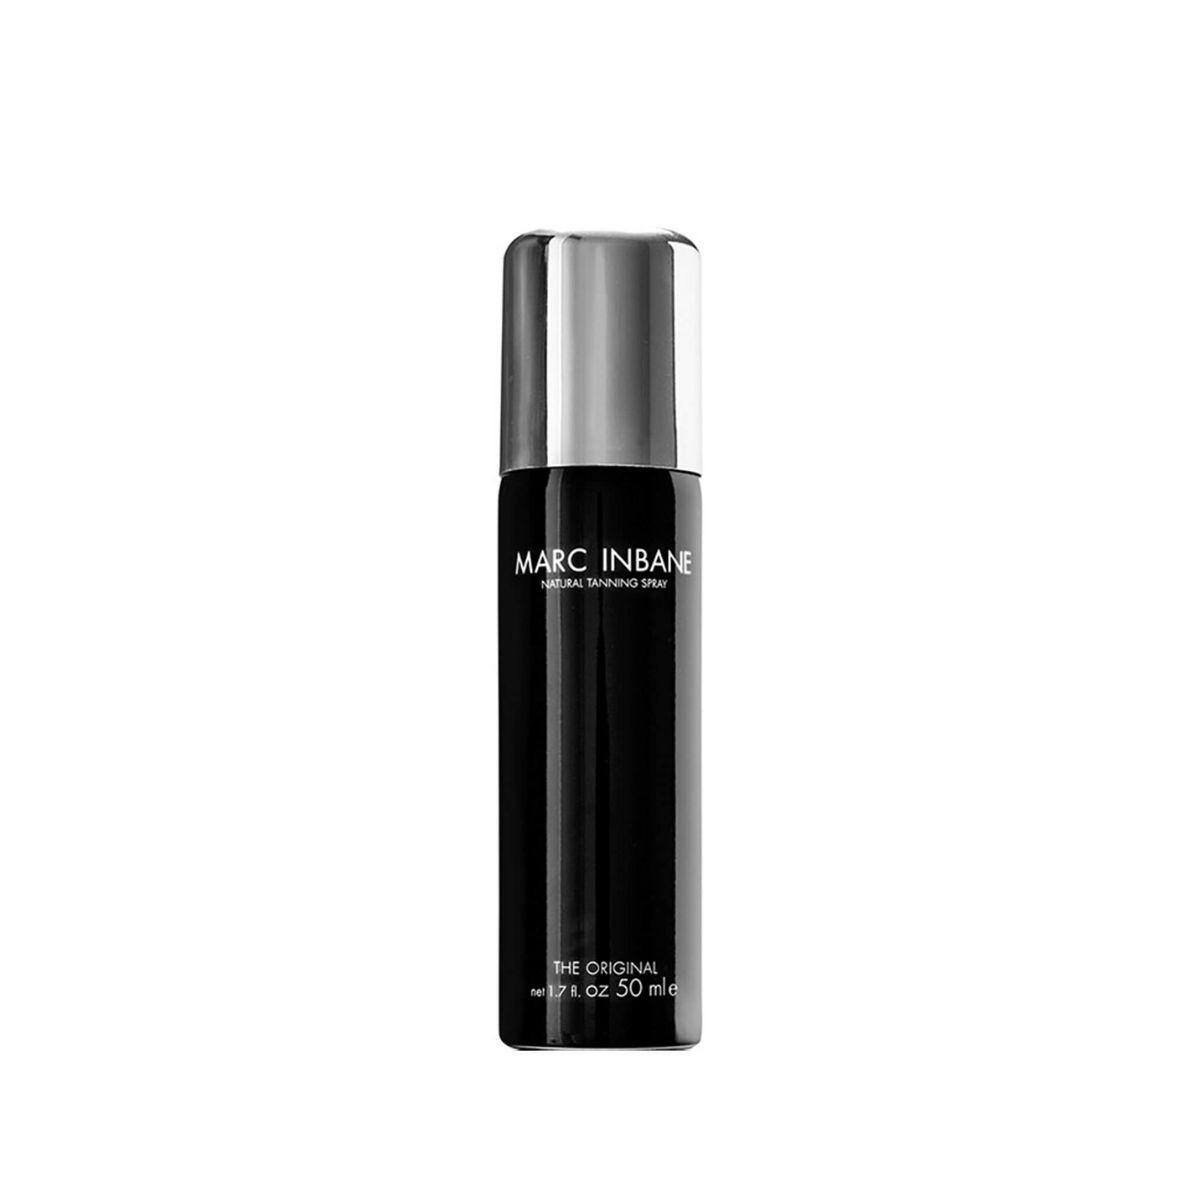 MARC INBANE Natural Tanning Spray 50ml - Naturalny spray samoopalający samoopalacz dla niej i dla niego